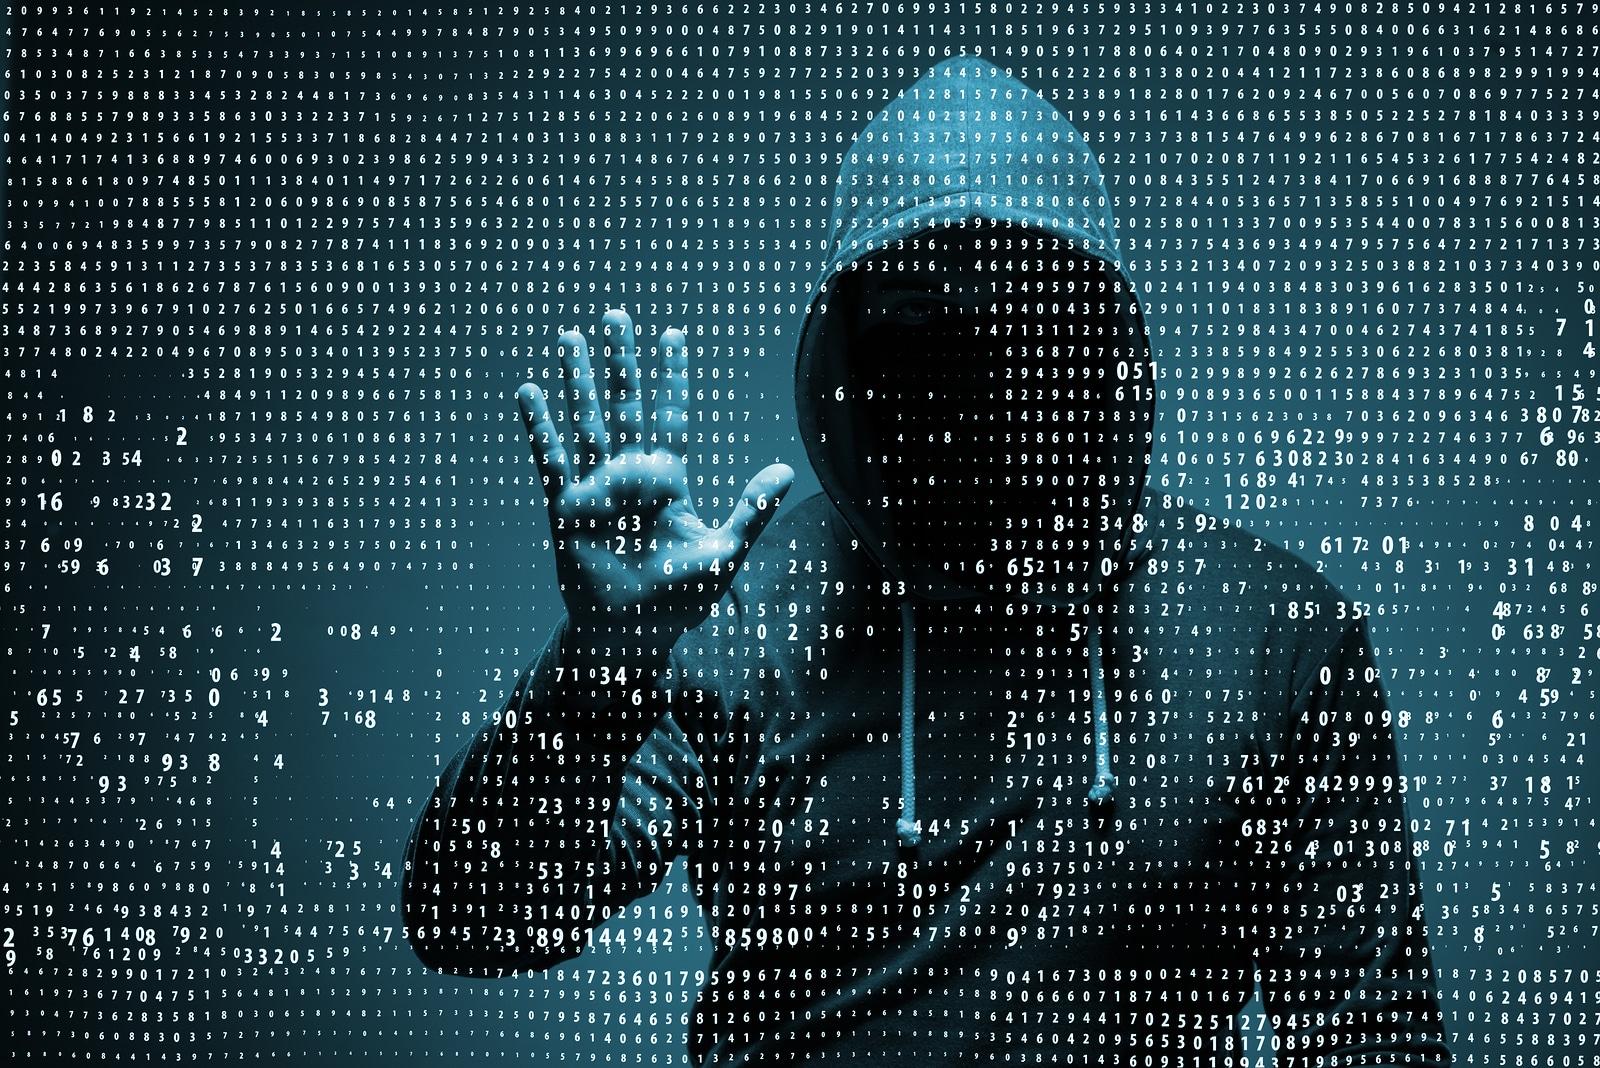 法兰克因恶意软件感染而关闭了整个IT网络法兰克因恶意软件感染而关闭了整个IT网络